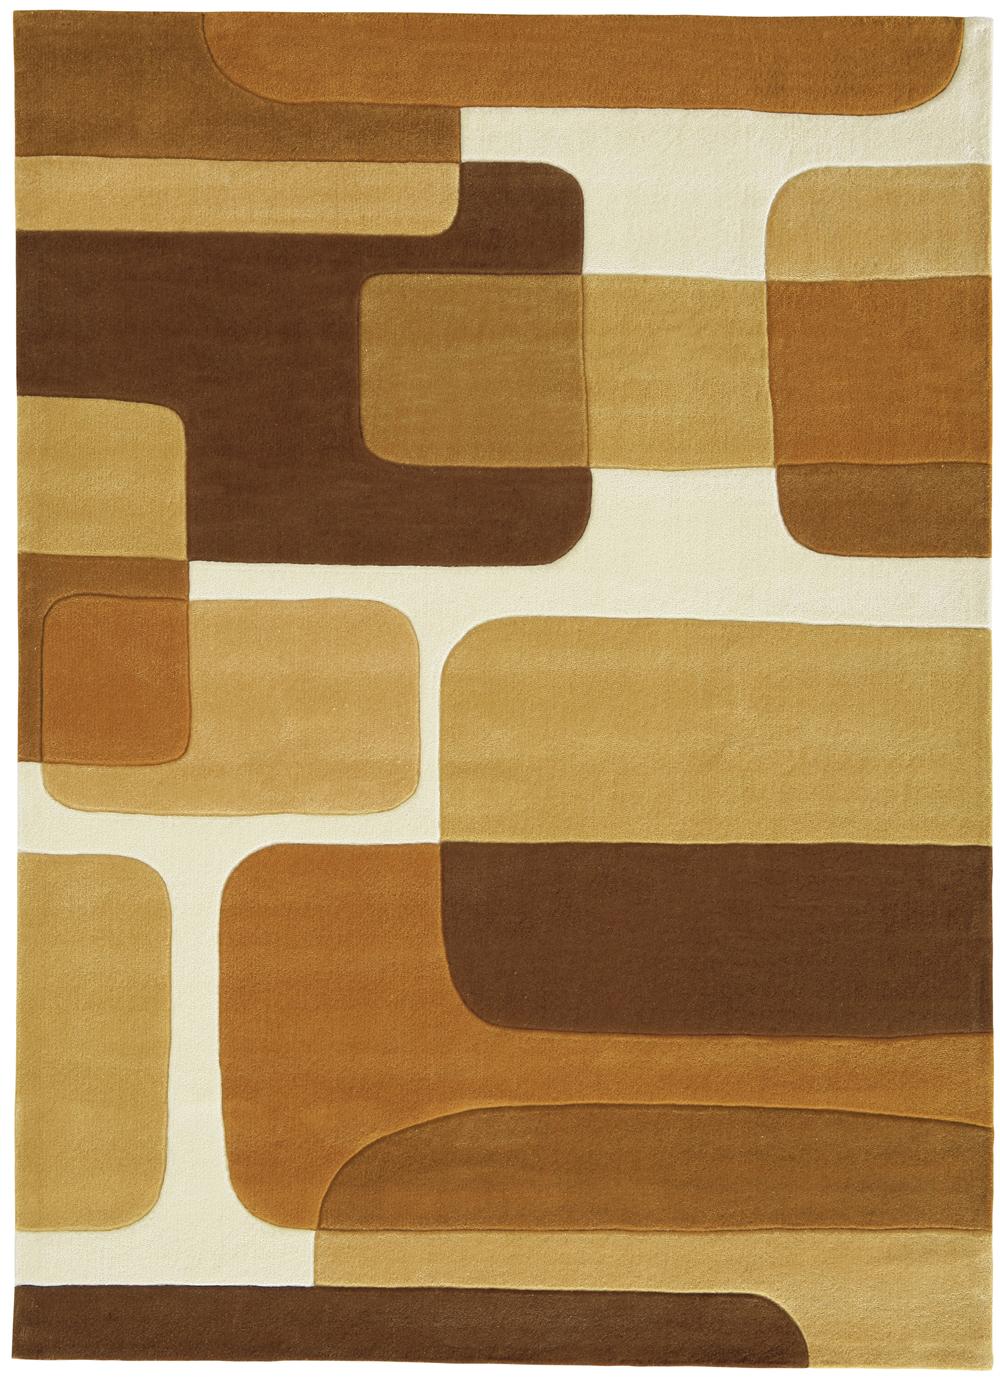 carpet texture modern modern carpet texture hd CKOYTPB